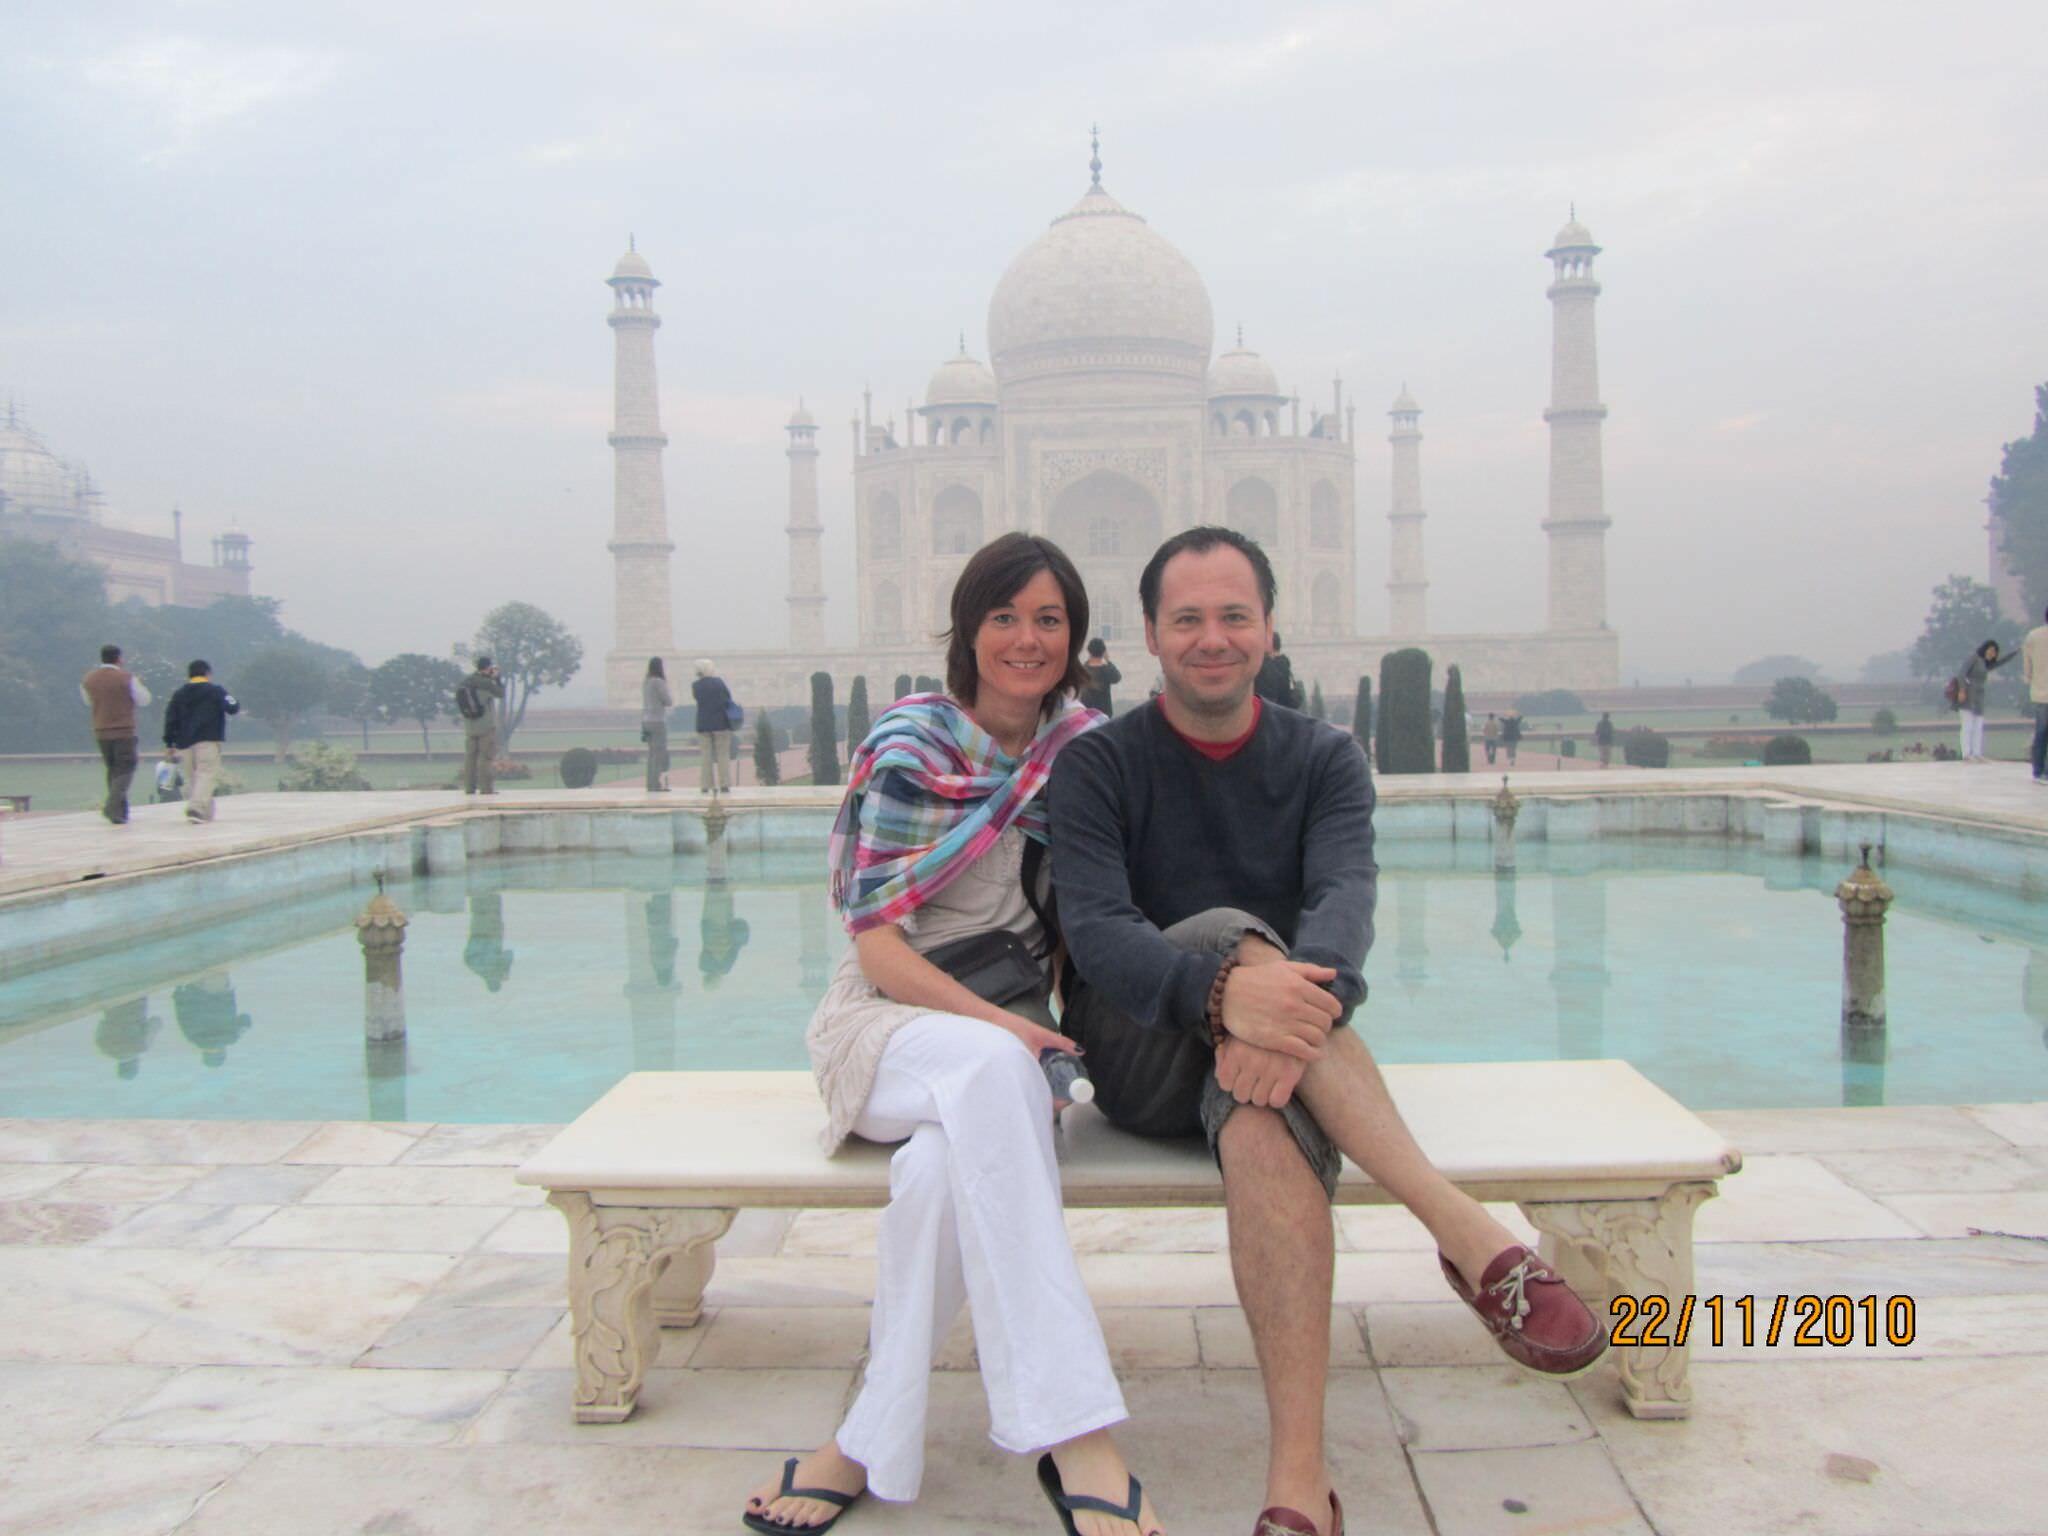 Nicolas en Kathy kiezen voor Well Communications. De herbronning in Indië zorgt voor nieuwe perspectieven.